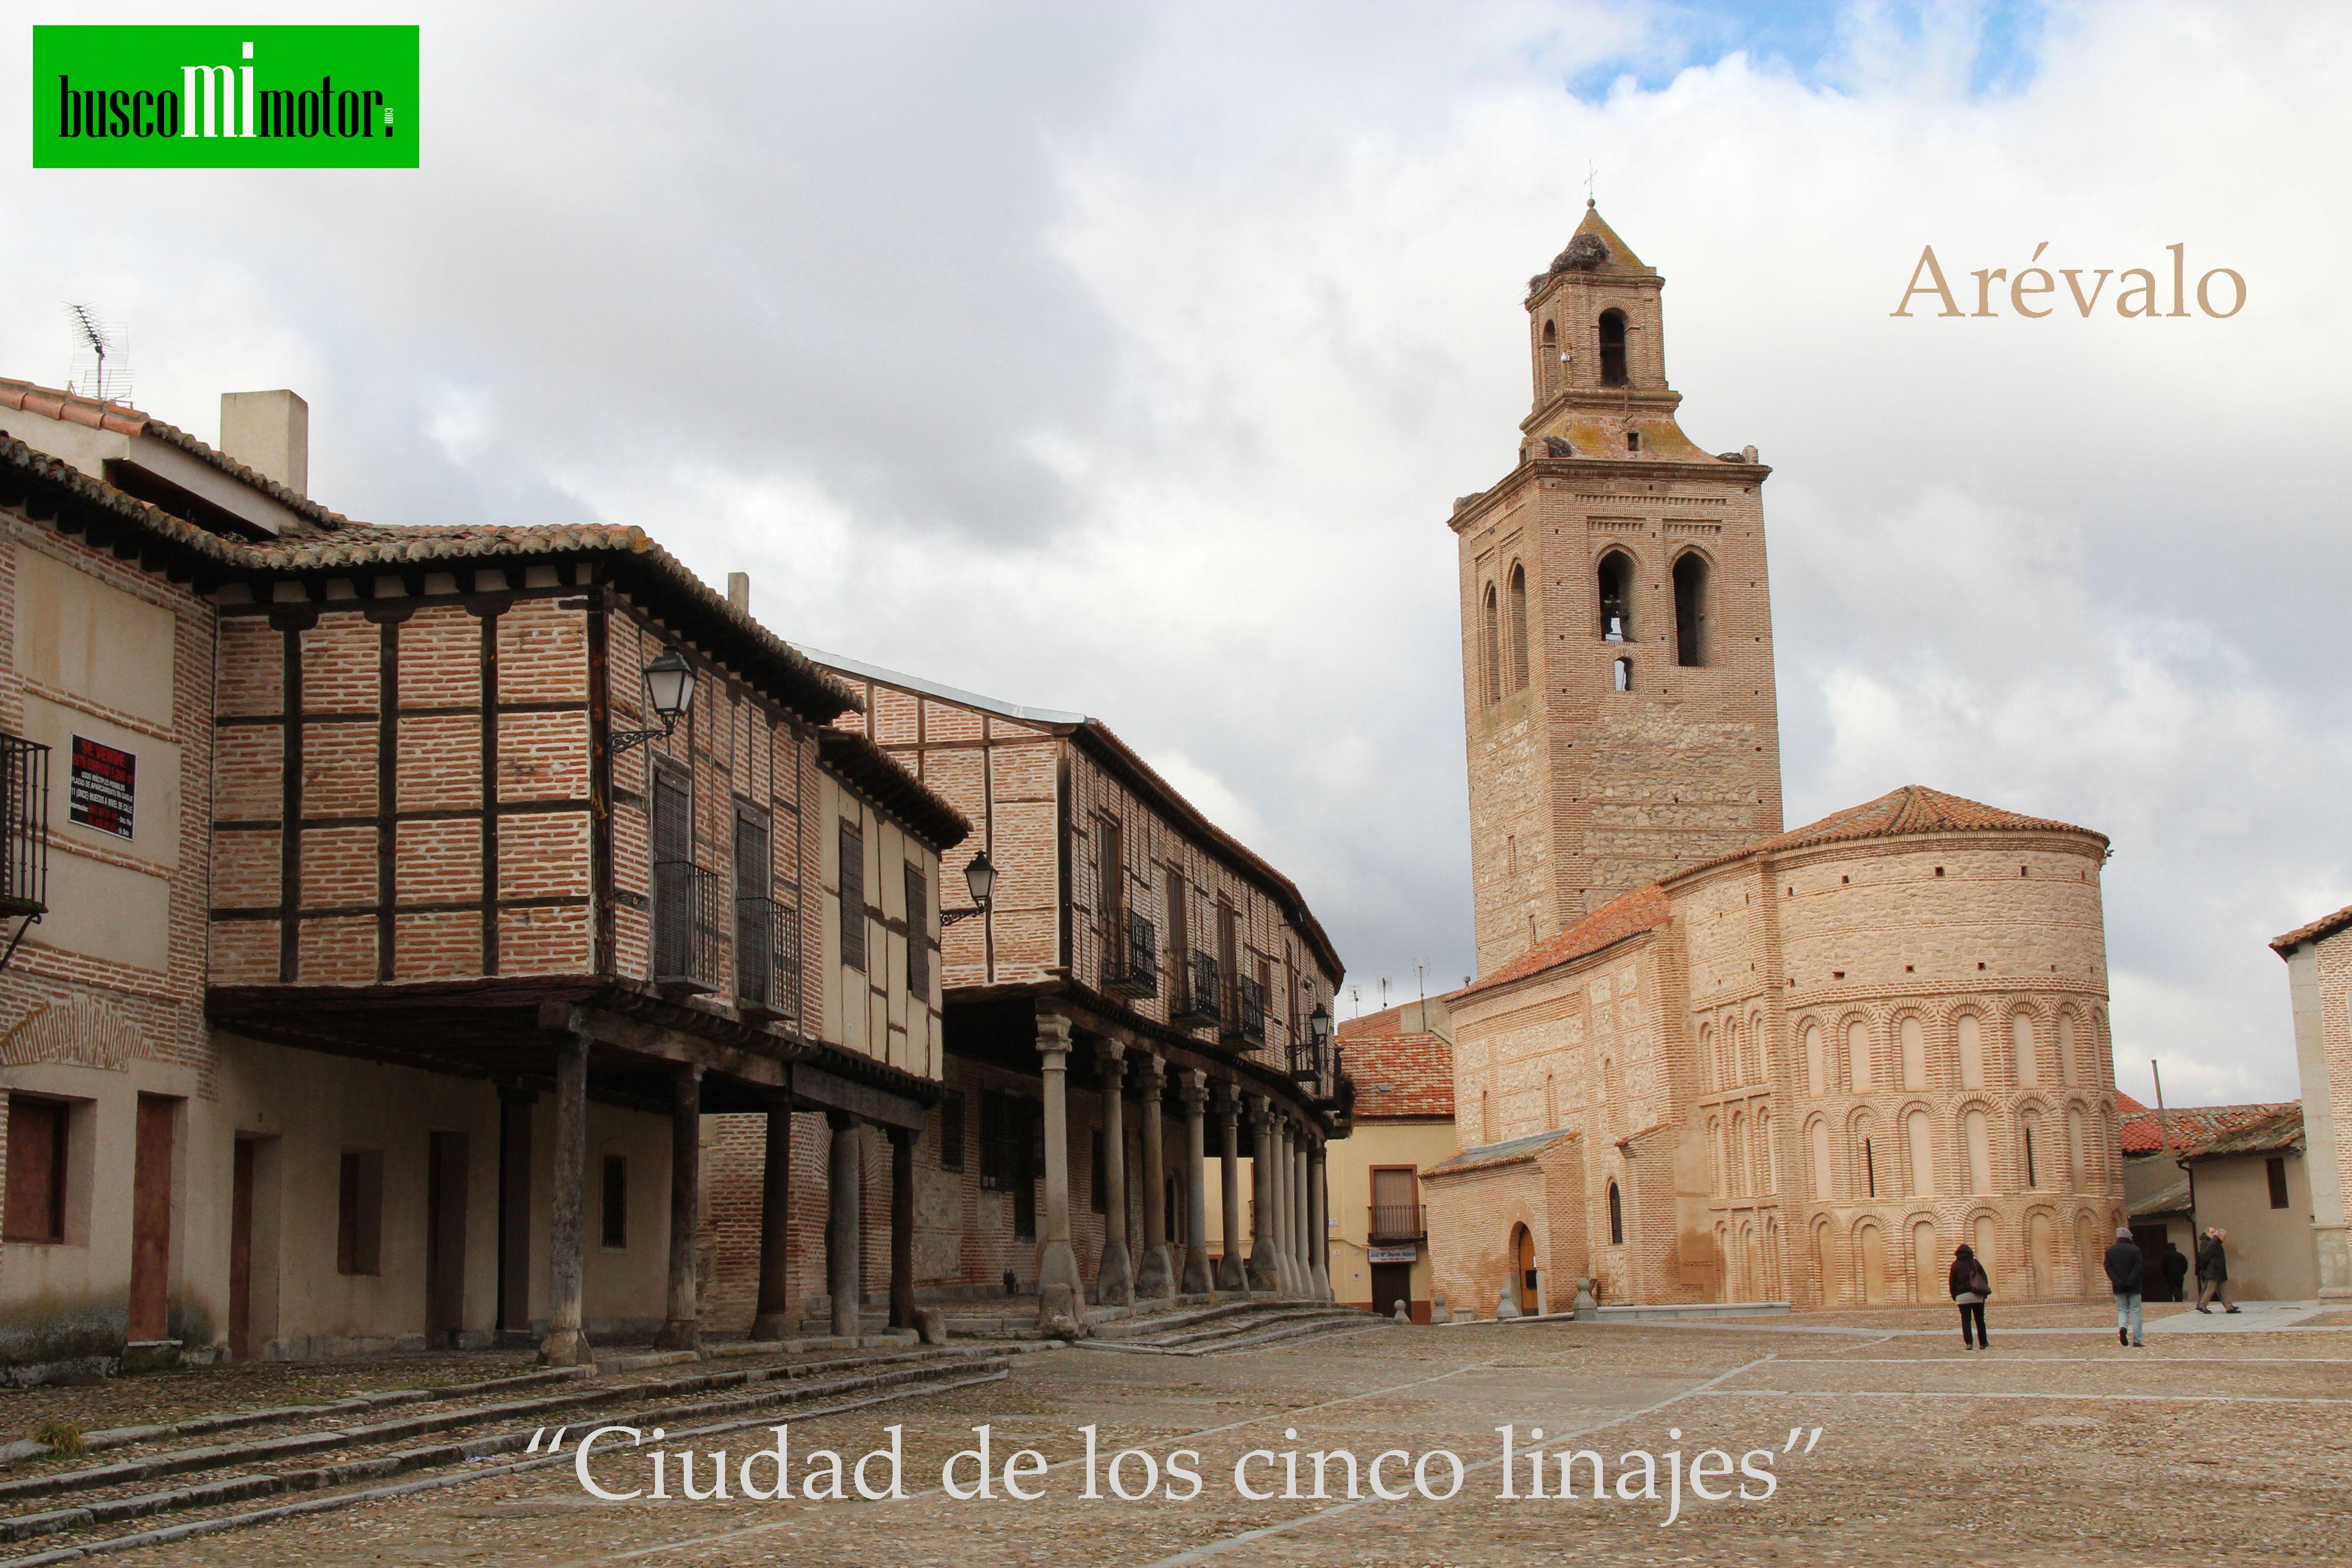 Motores_buscomimotor Cómo comprar o vender un motor:  Arévalo es una ciudad y un municipio de España, perteneciente a la provincia  de Ávila,6 en la comunidad autónoma de Castilla y León.